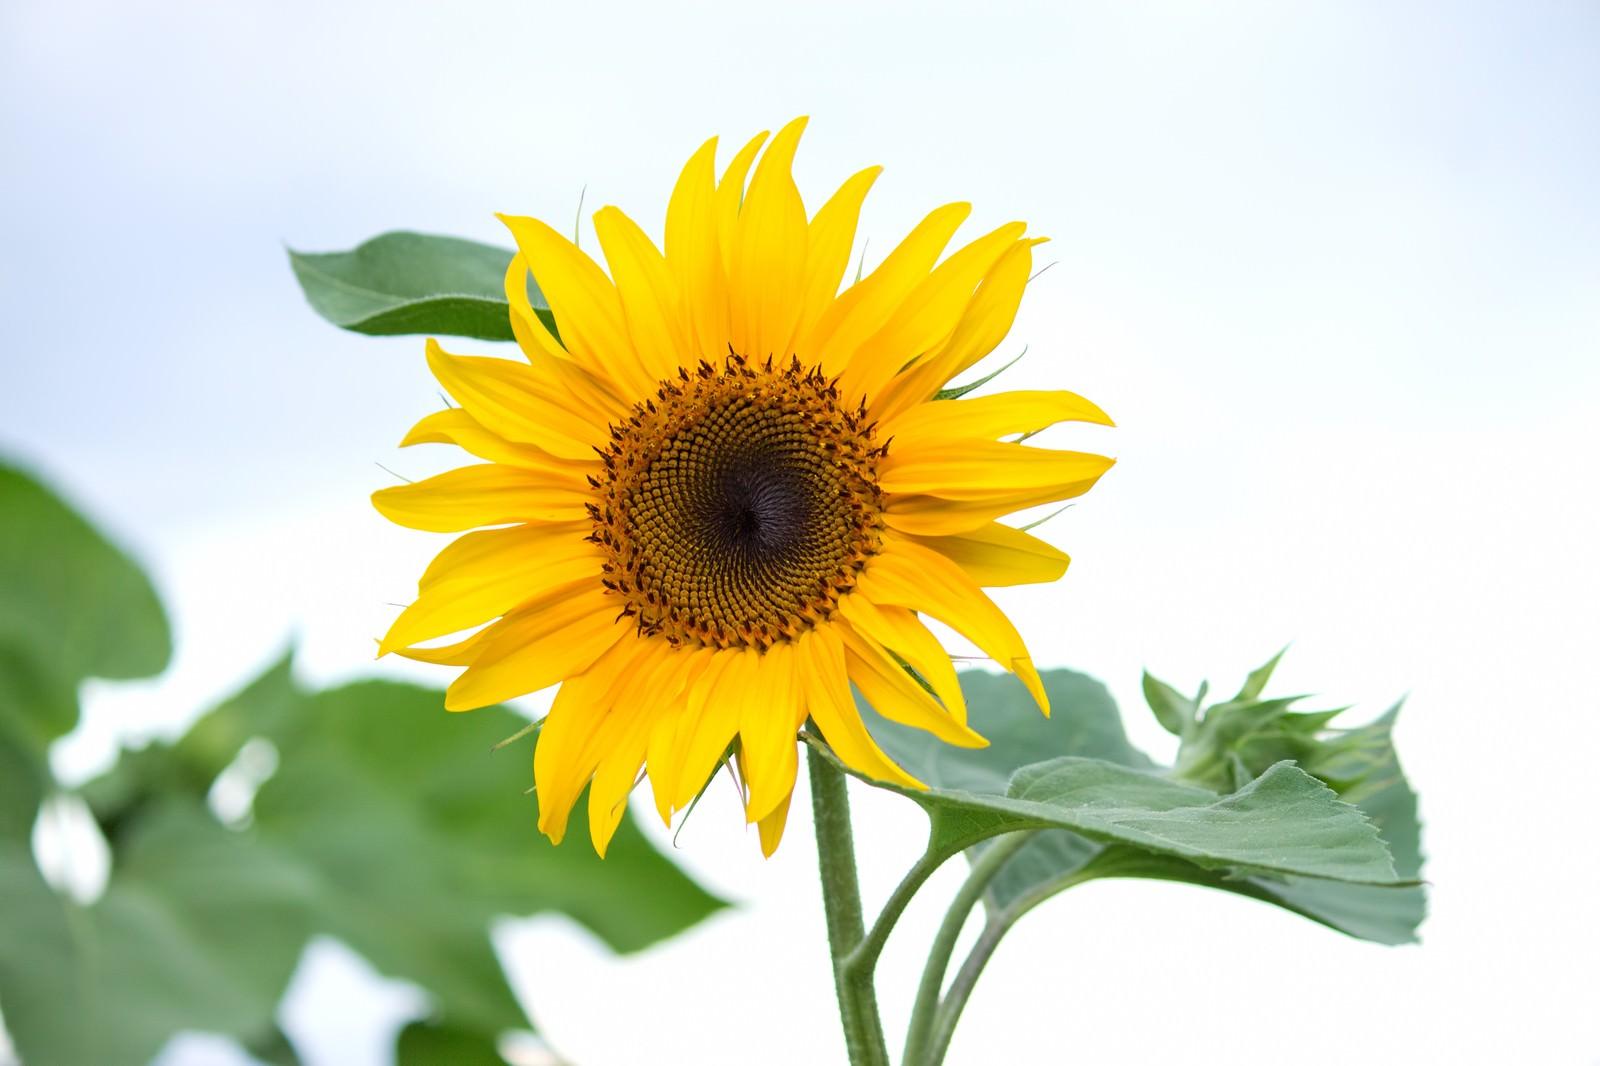 「太陽の形のひまわり」の写真